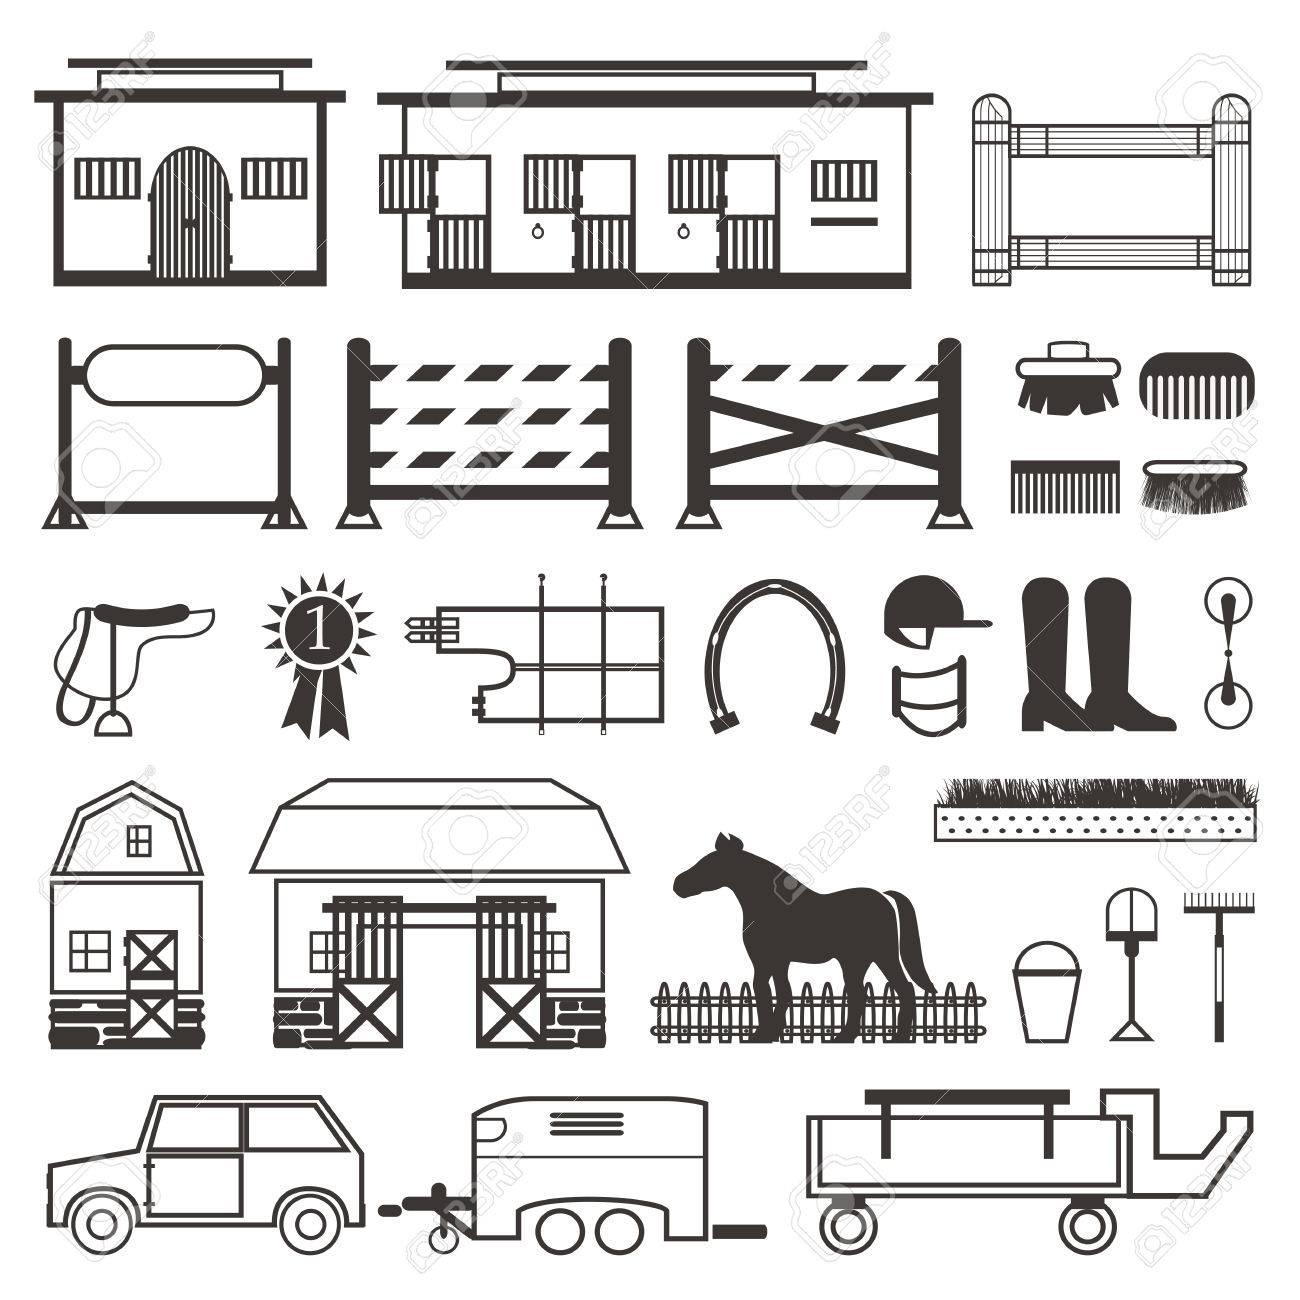 Ограждение транспортера чем отличается фольксваген транспортер от каравелла